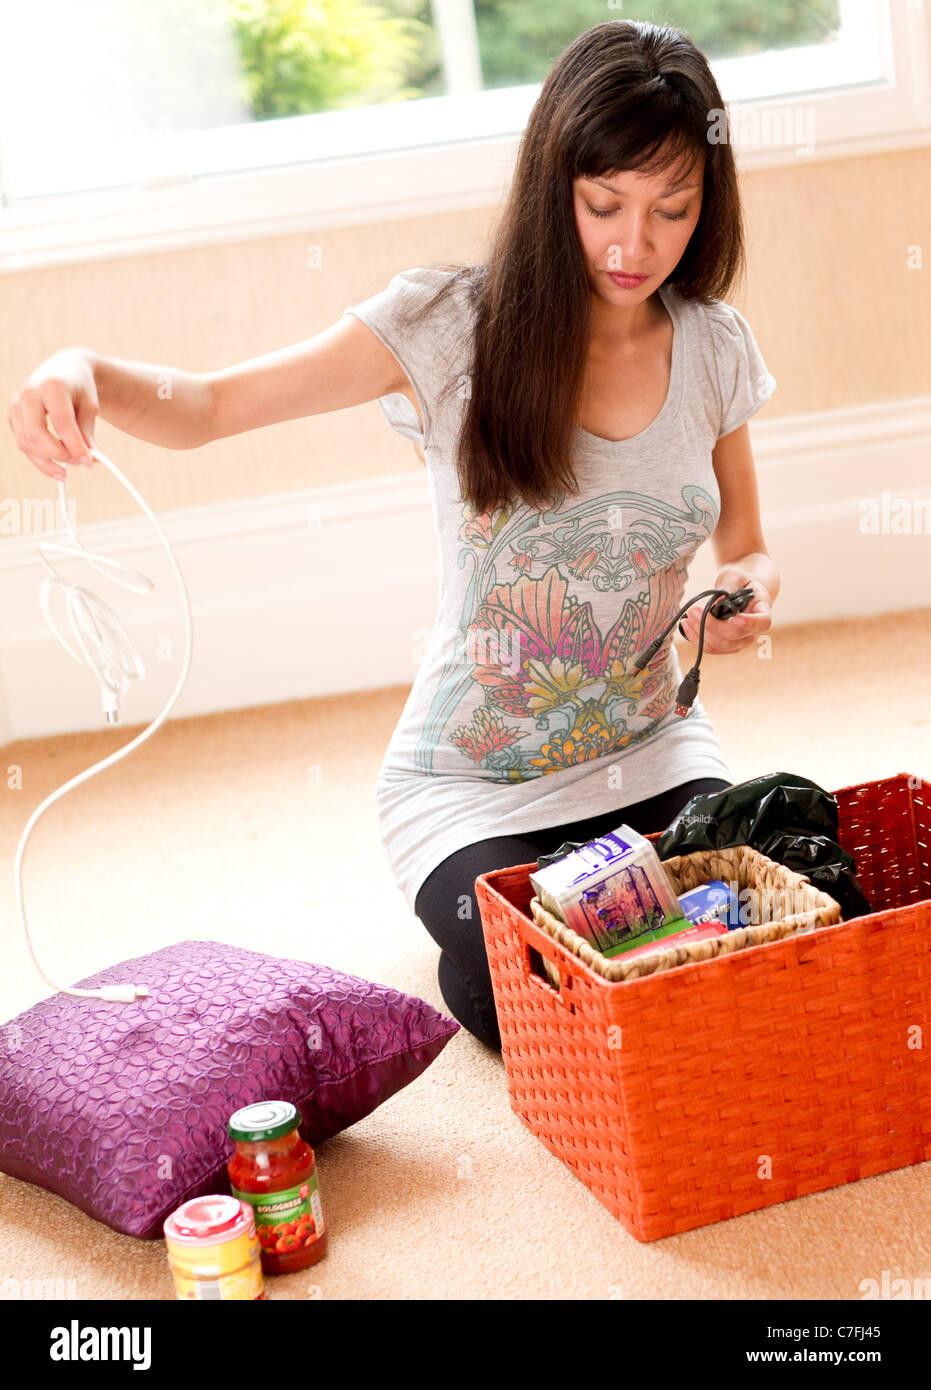 Le déballage des marchandises de fille Photo Stock